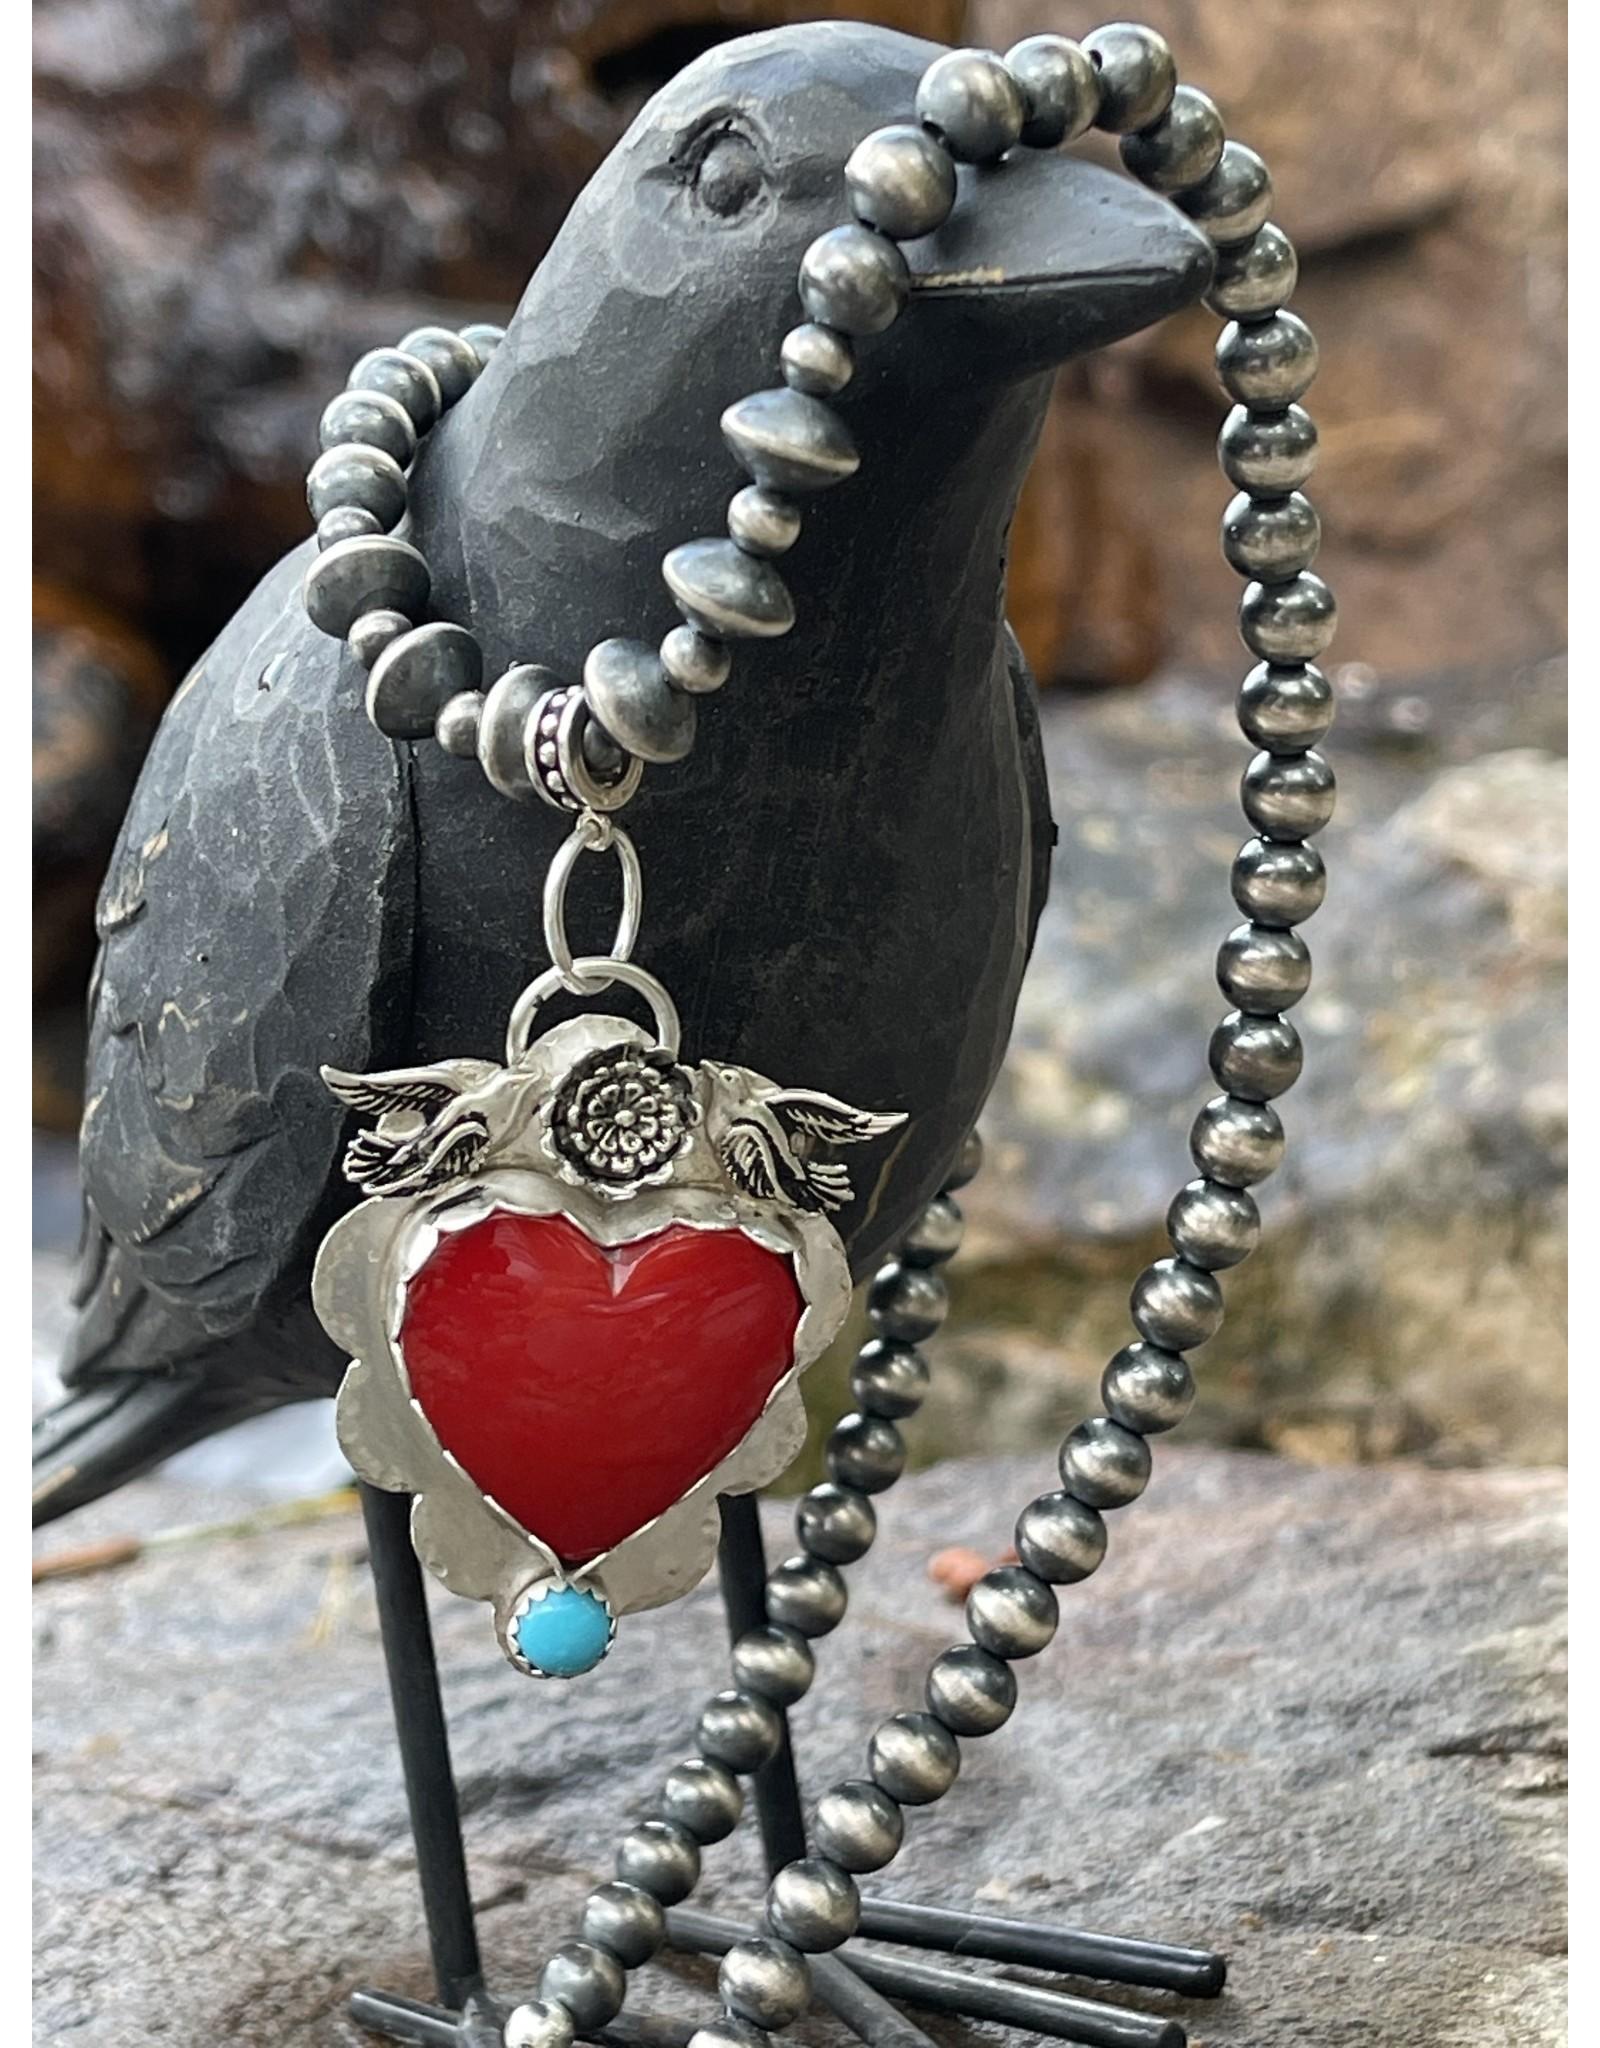 Annette Colby - Jeweler Rosarita Heart Pendant, Birds & Flower Necklace  - Annette Colby